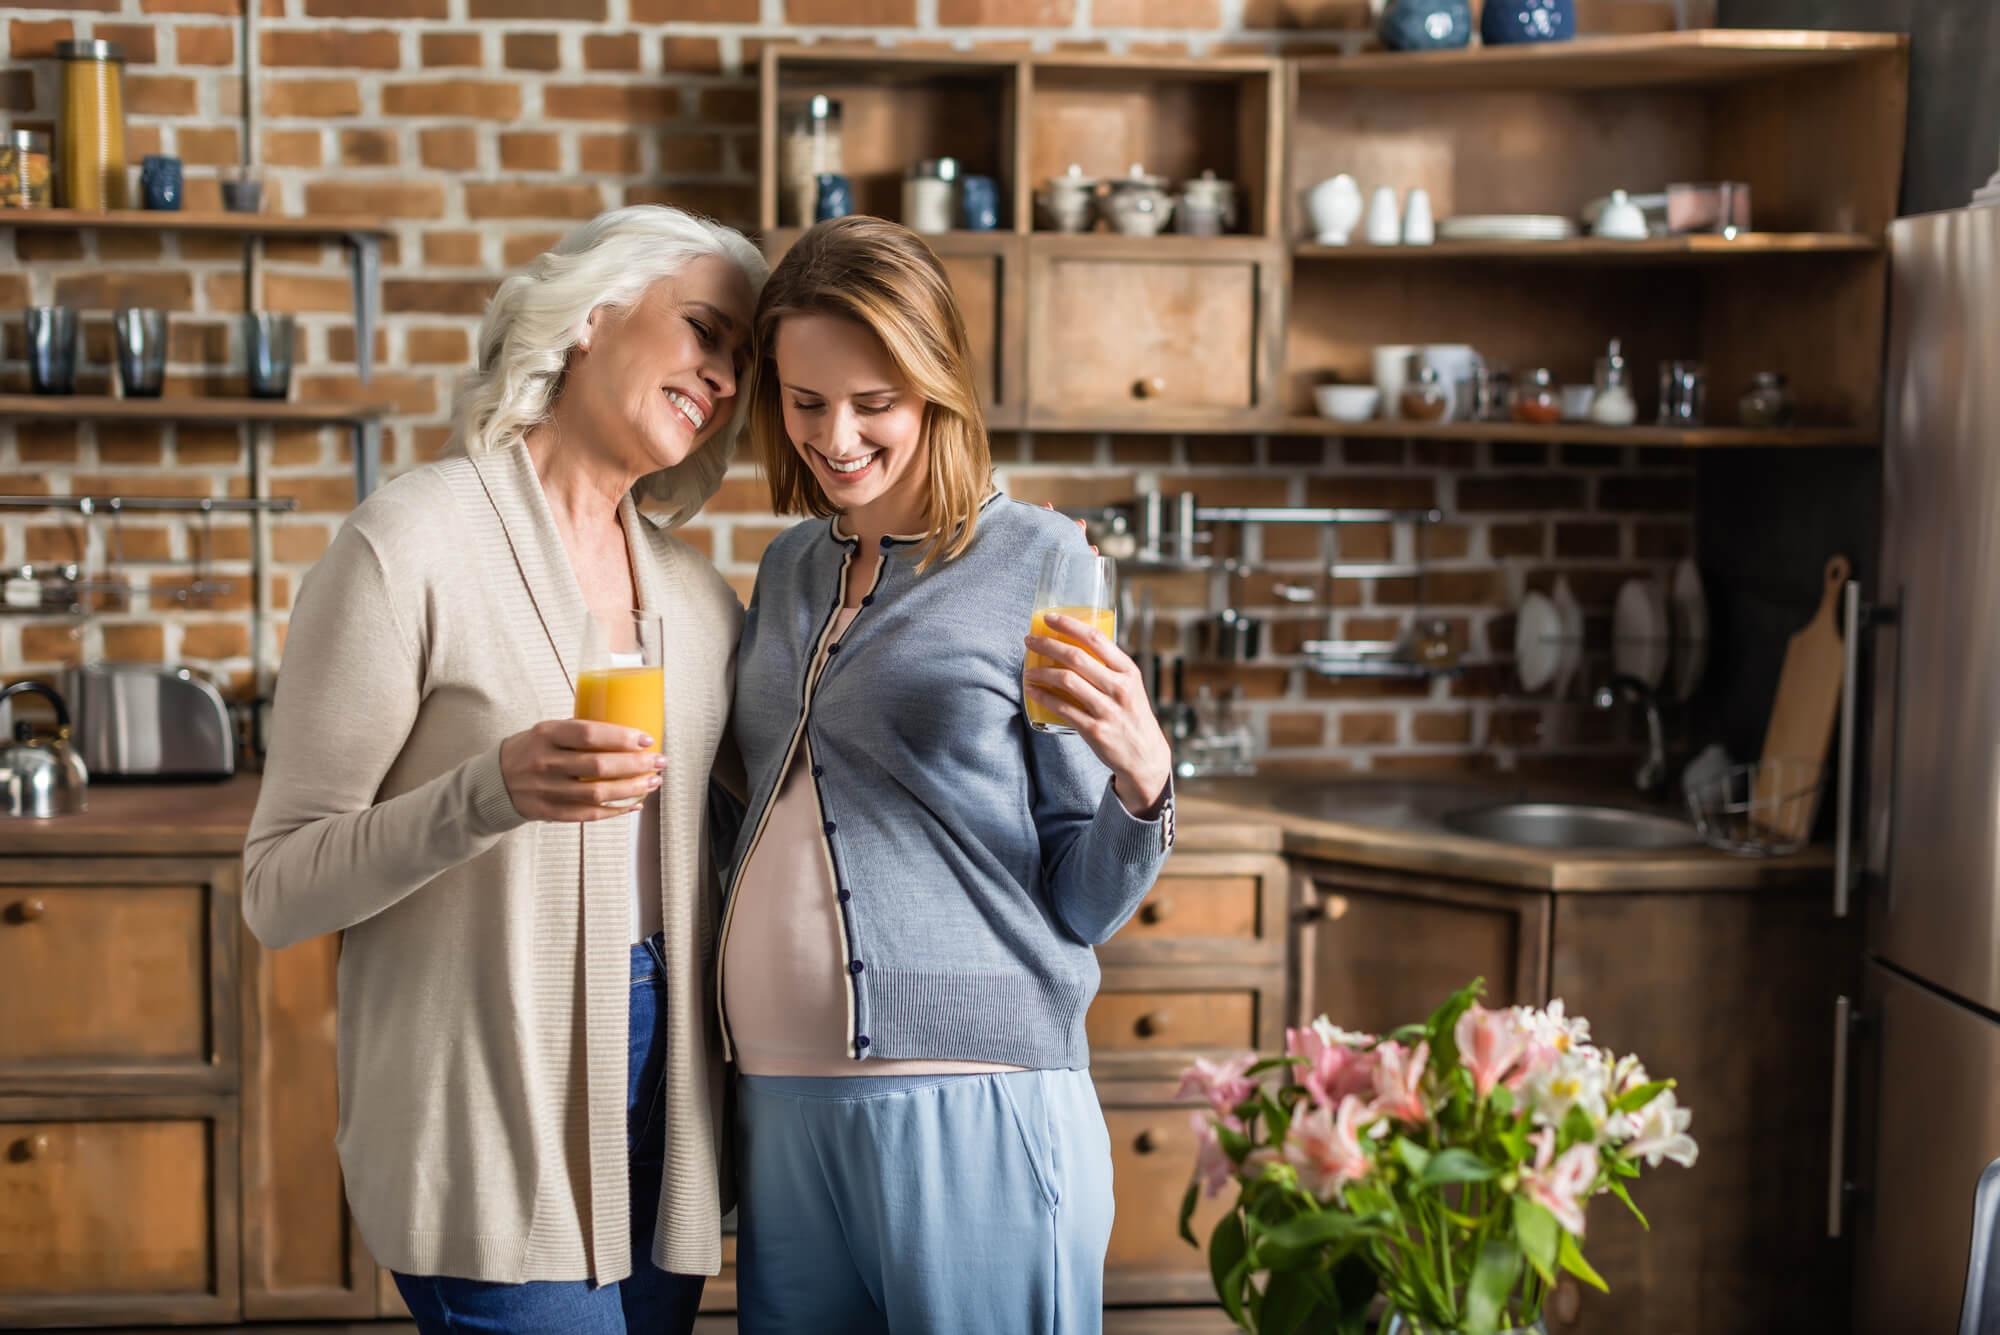 泌乳素偏高可以先去泰国做试管婴儿促排取卵吗?